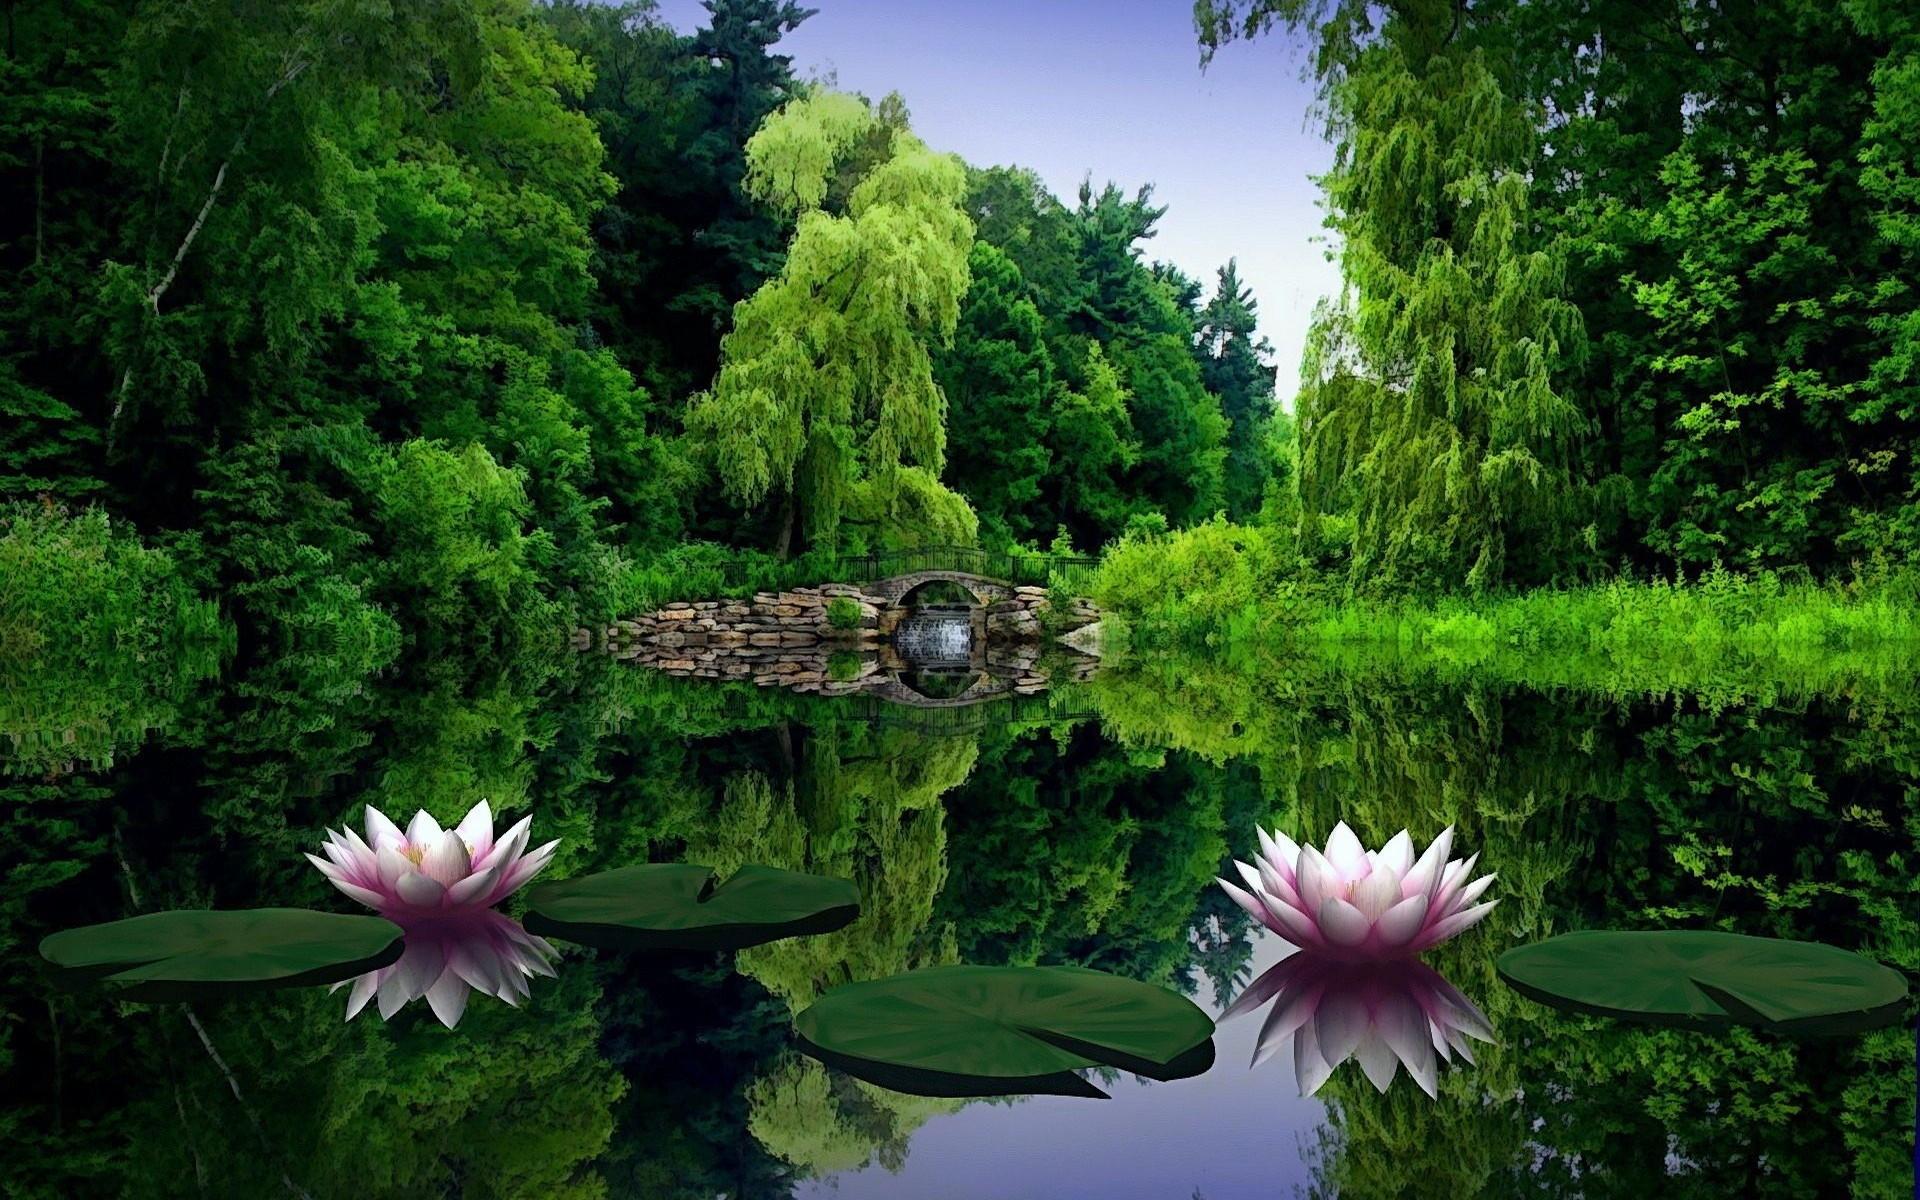 анимационные красивые фото про природу и цветы